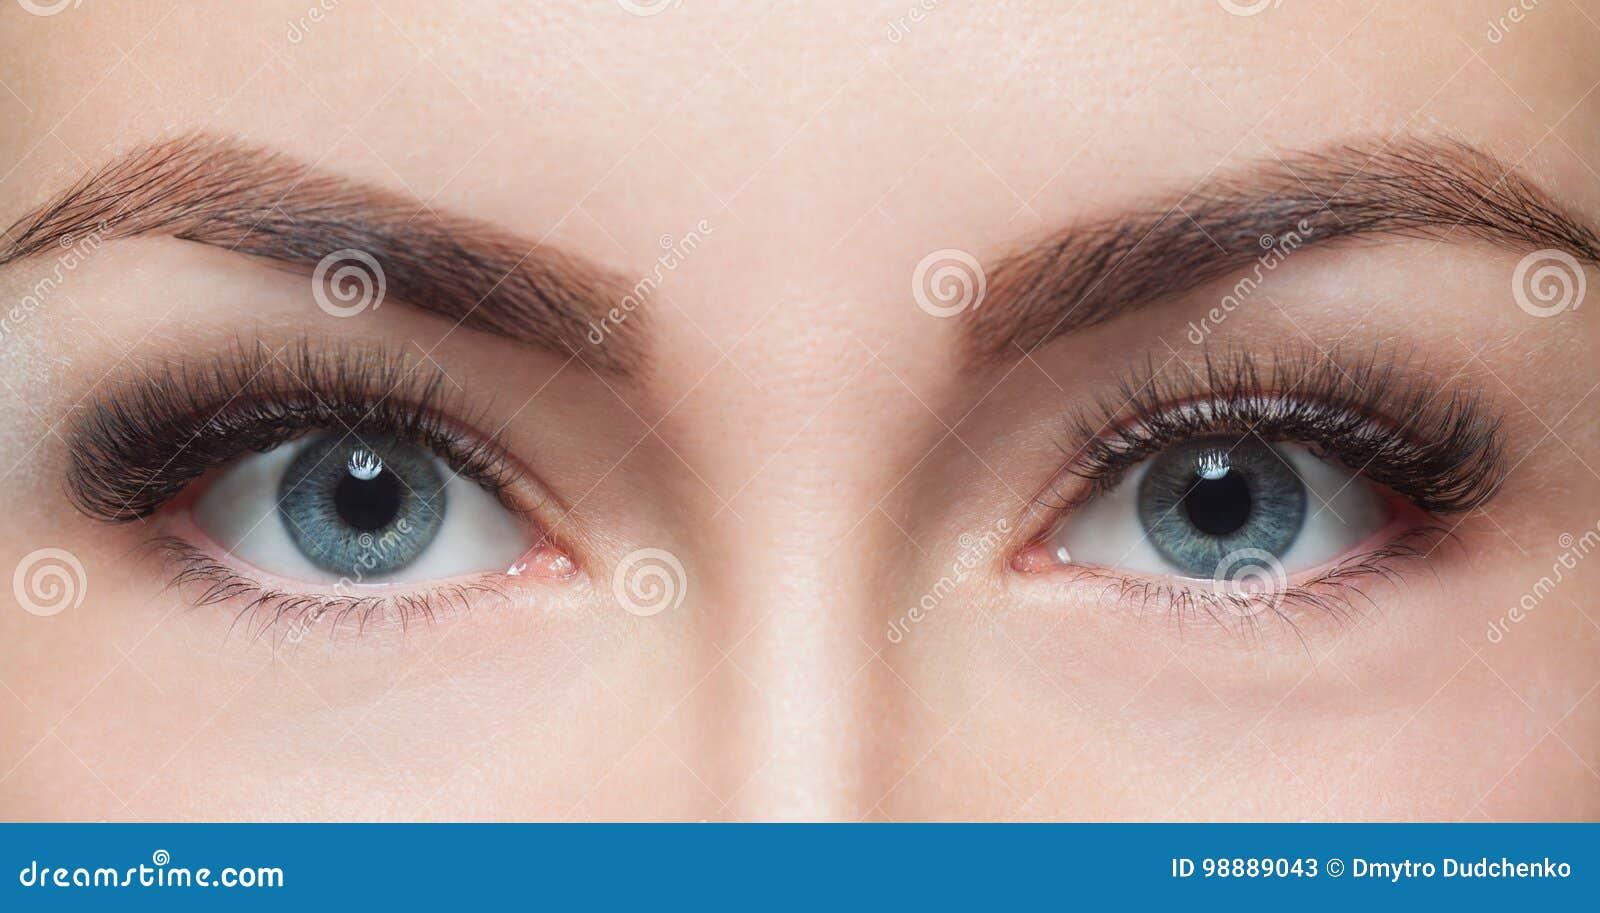 Slut för ögonfransborttagningstillvägagångssätt upp Härlig kvinna med långa snärtar i en skönhetsalong